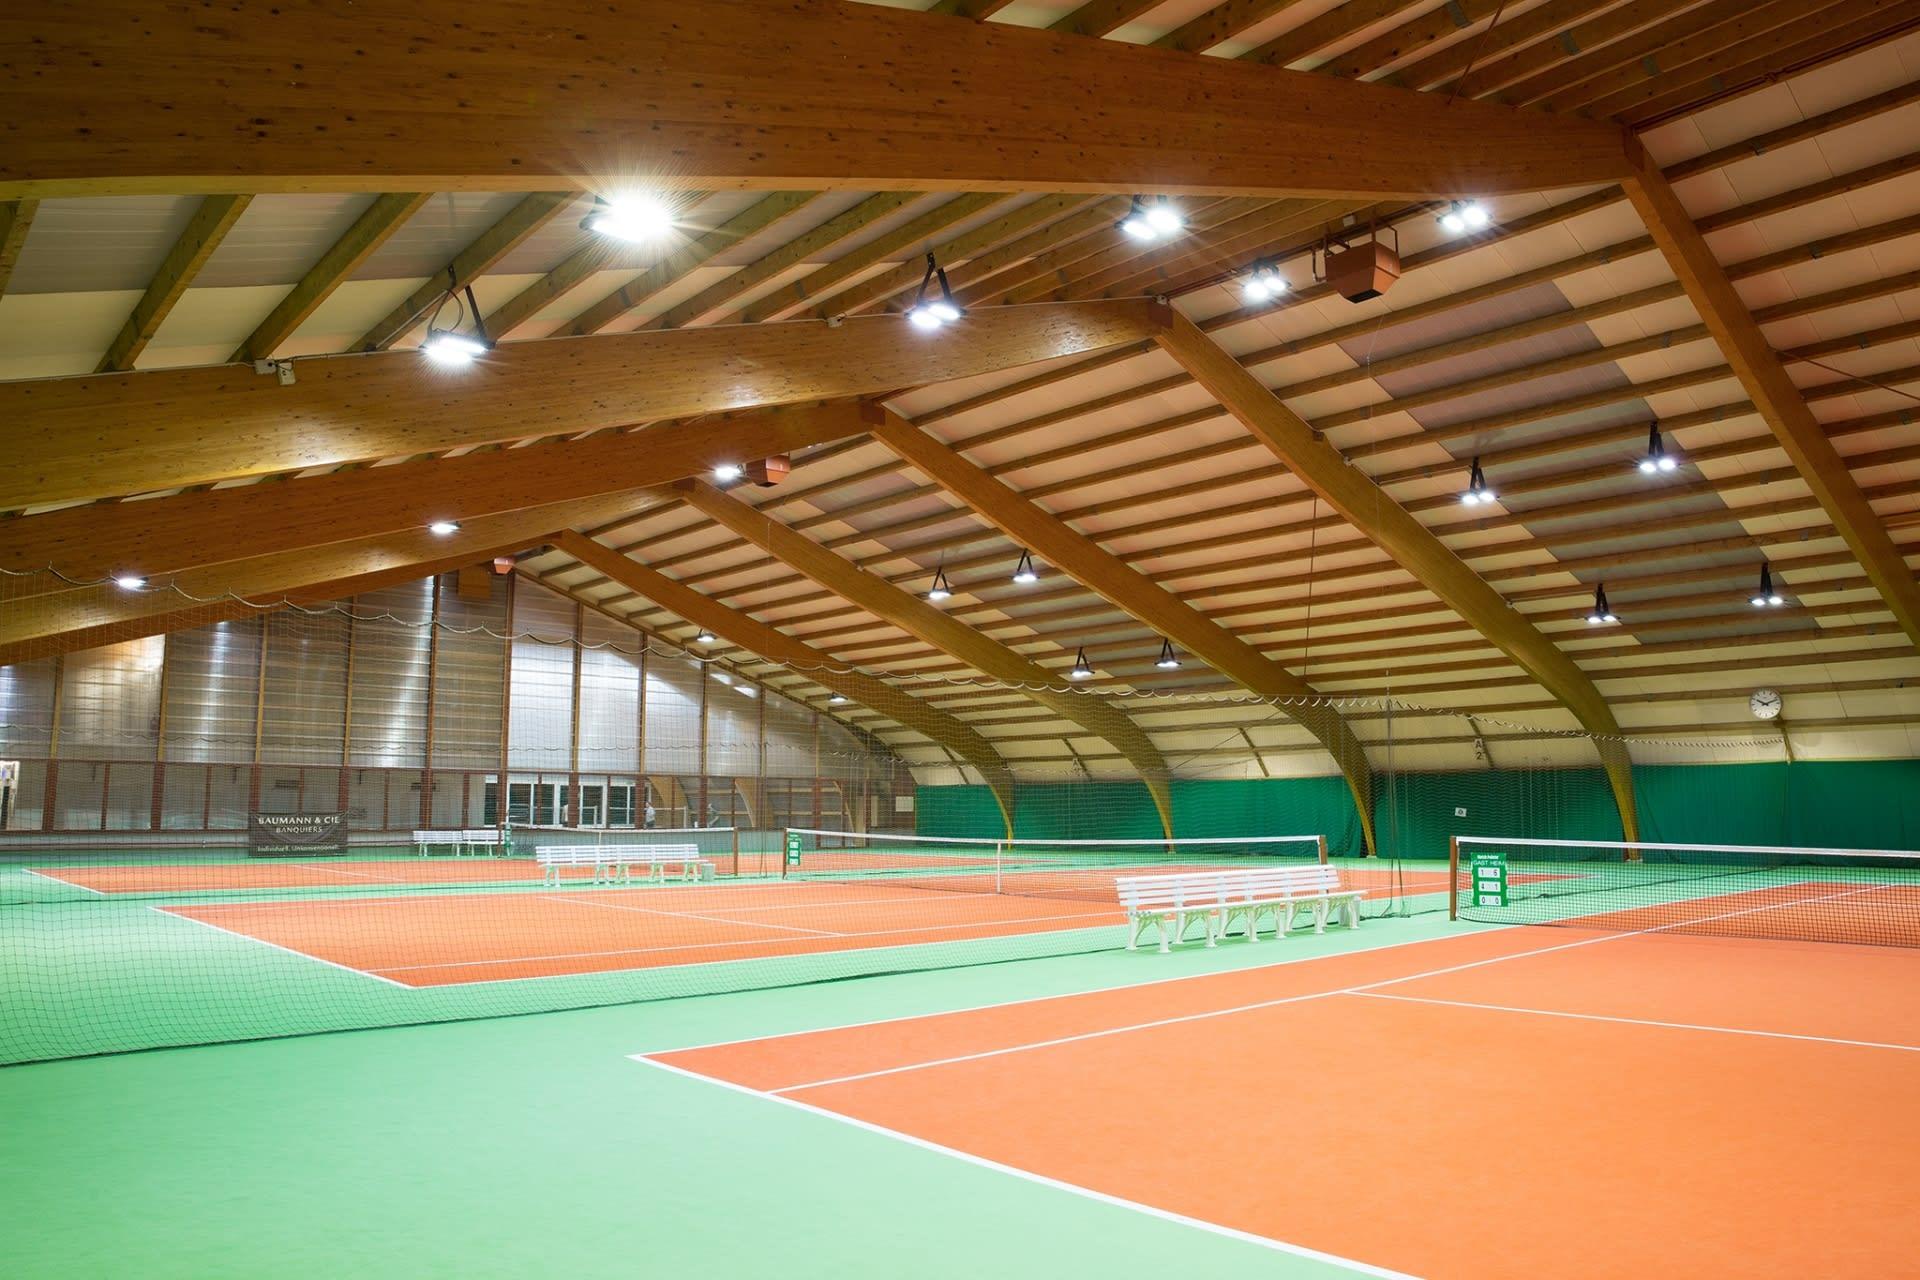 Tennishalle mit Beleuchtung und Grün, rotem Boden